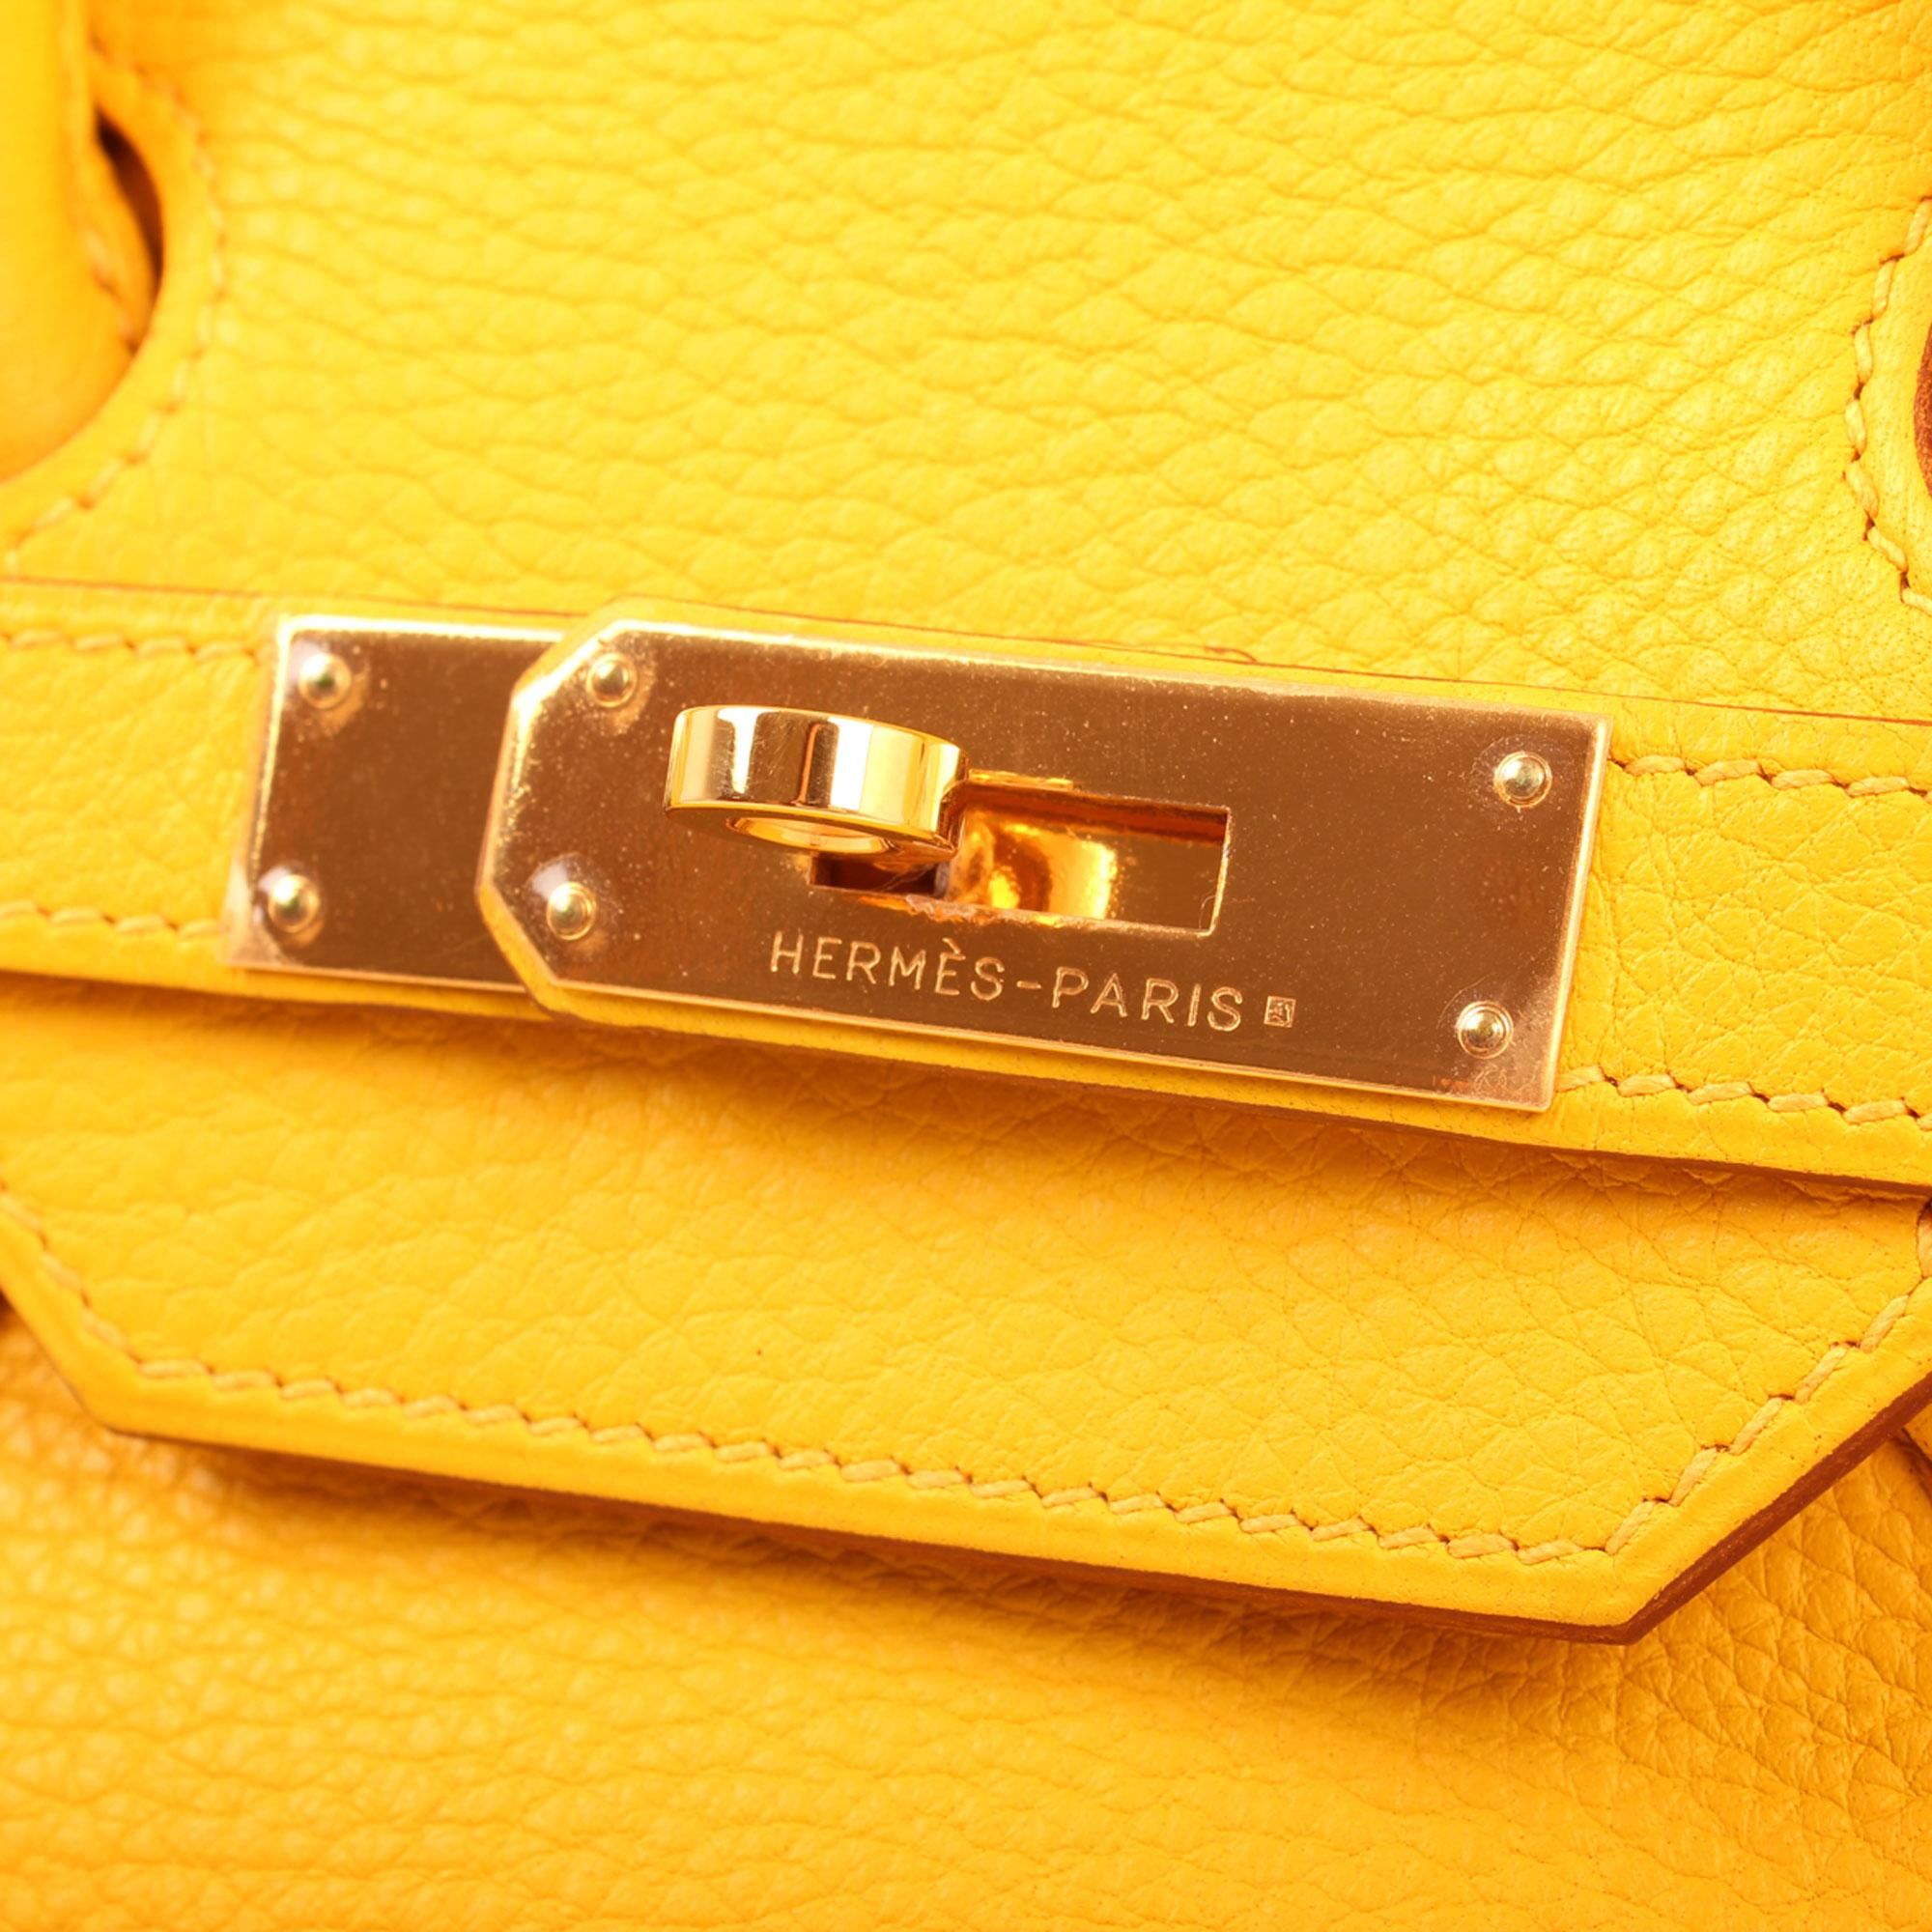 Imagen del detalle del herraje bolso hermes birkin 35 jaune piel togo detalle